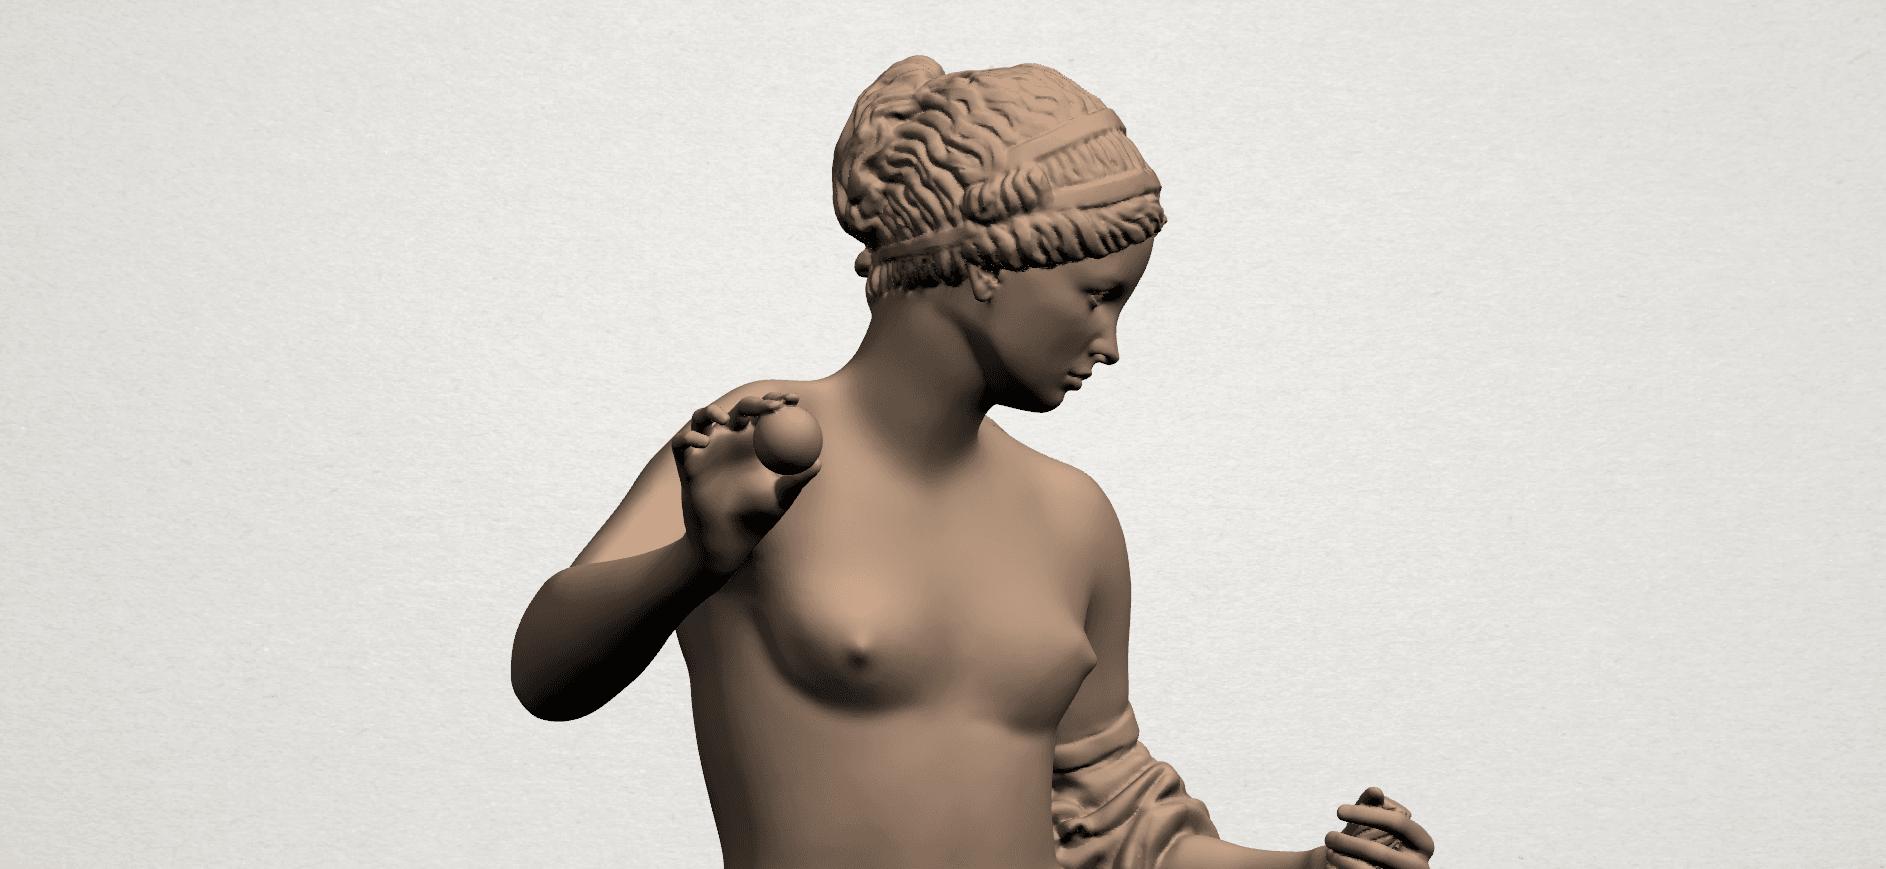 Naked Girl (xiv) A09.png Télécharger fichier STL gratuit Fille nue 14 • Plan pour imprimante 3D, GeorgesNikkei